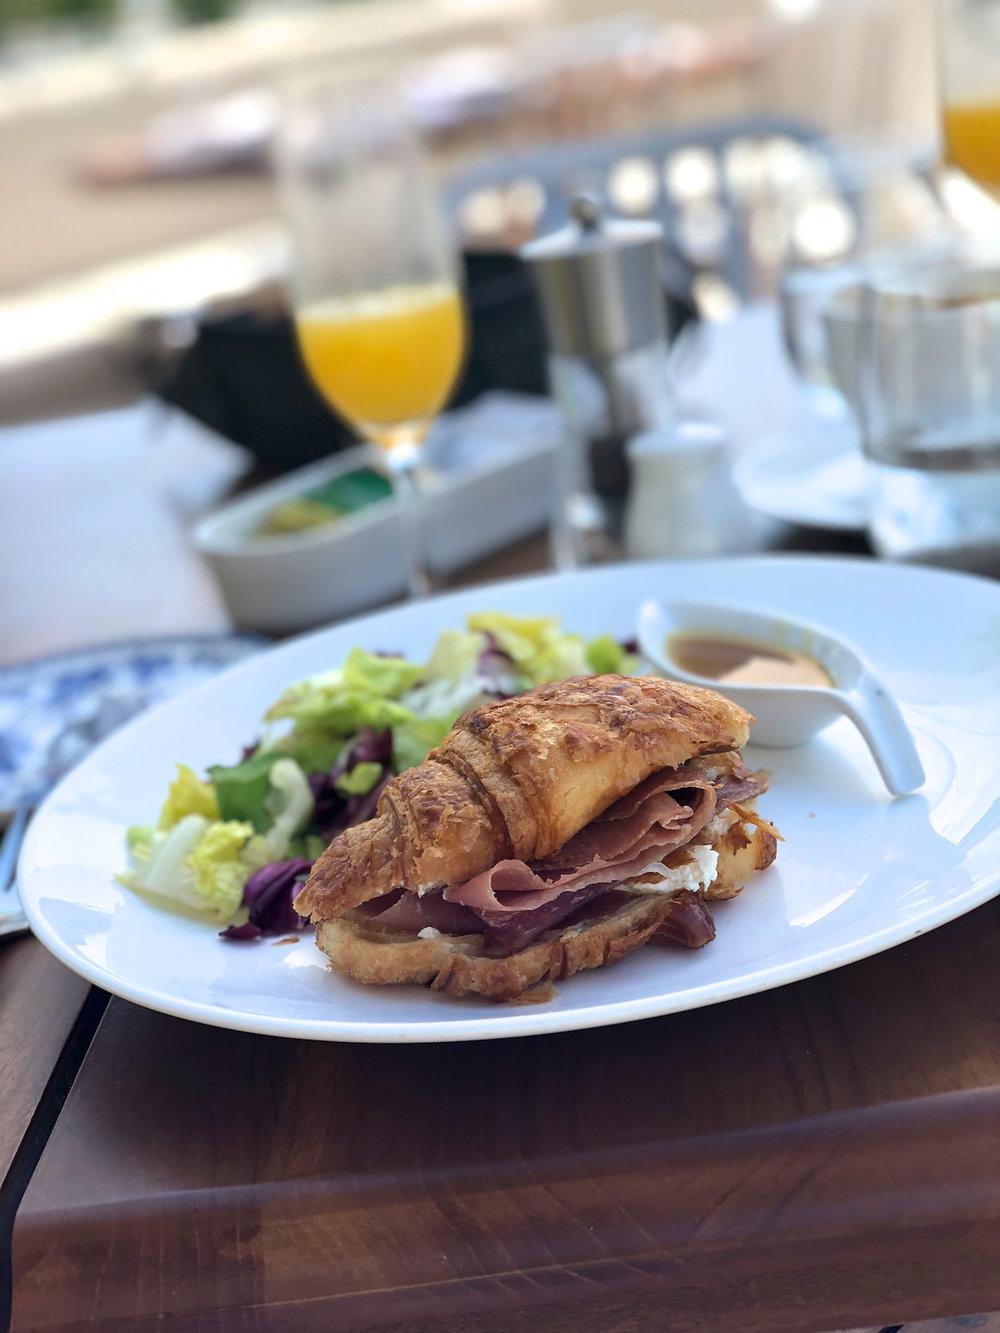 Breakfast at Mi Carisa